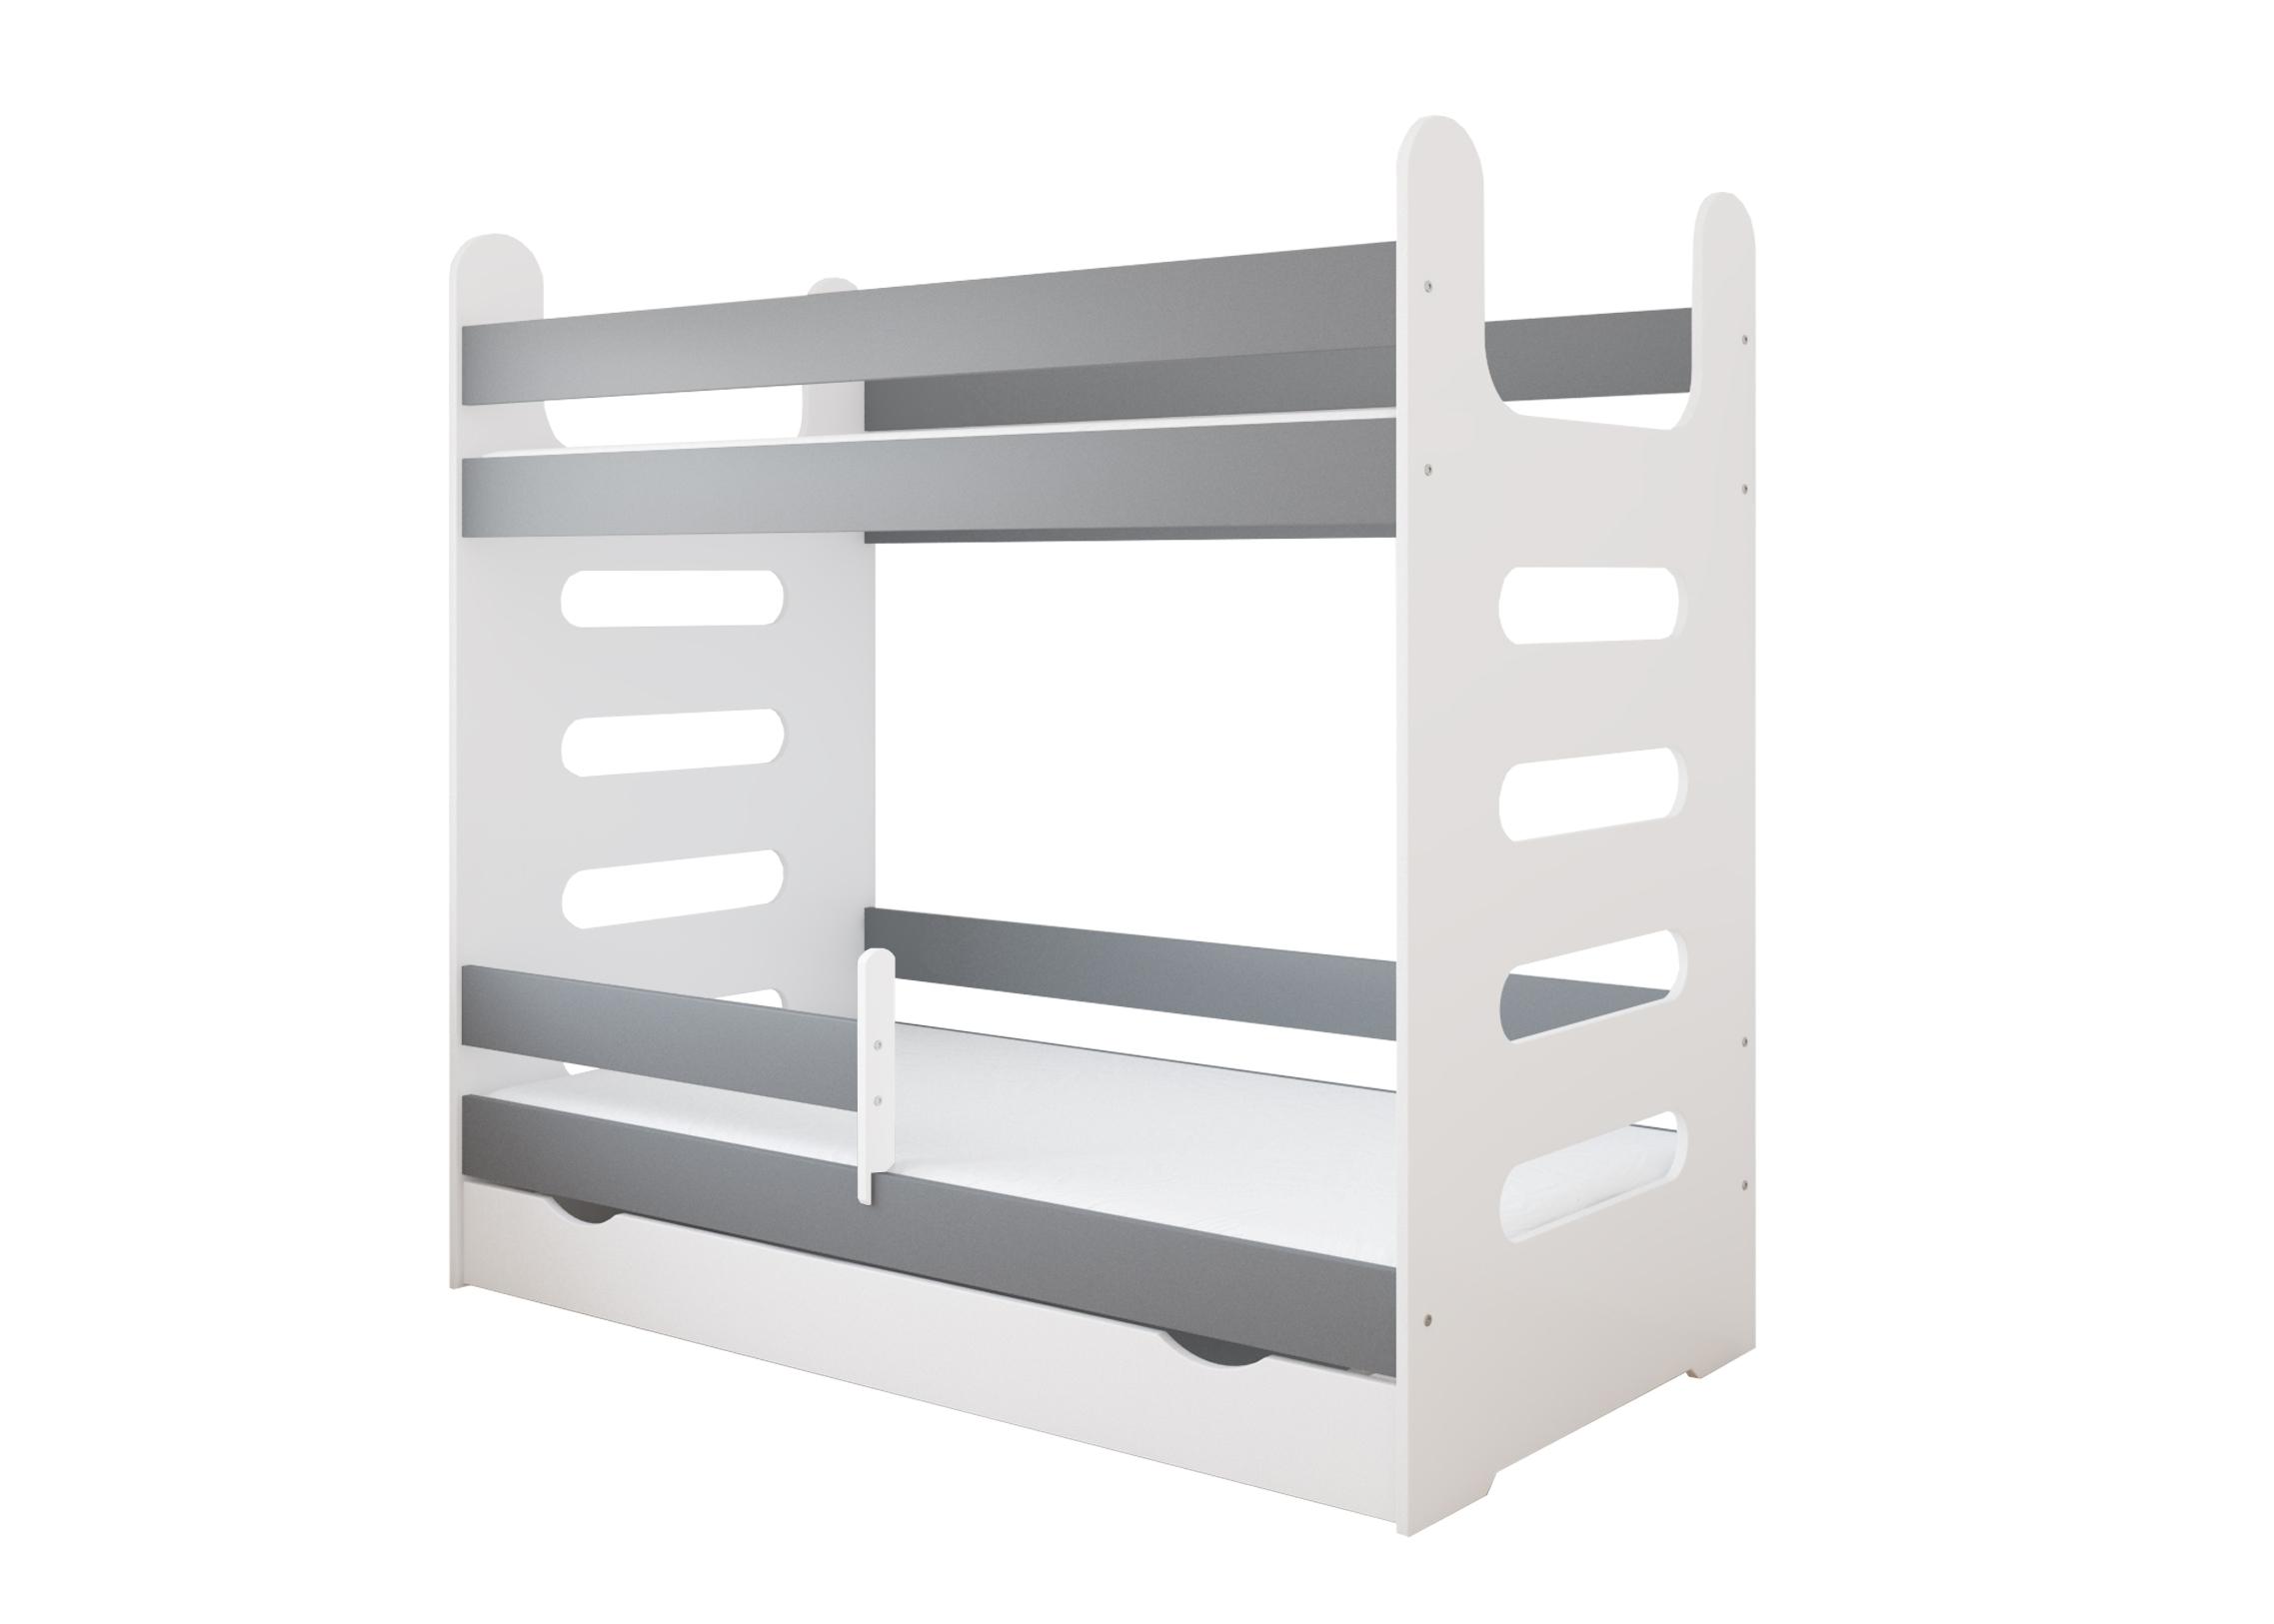 Łóżko piętrowe MATI 180x80 z szufladą i materacami